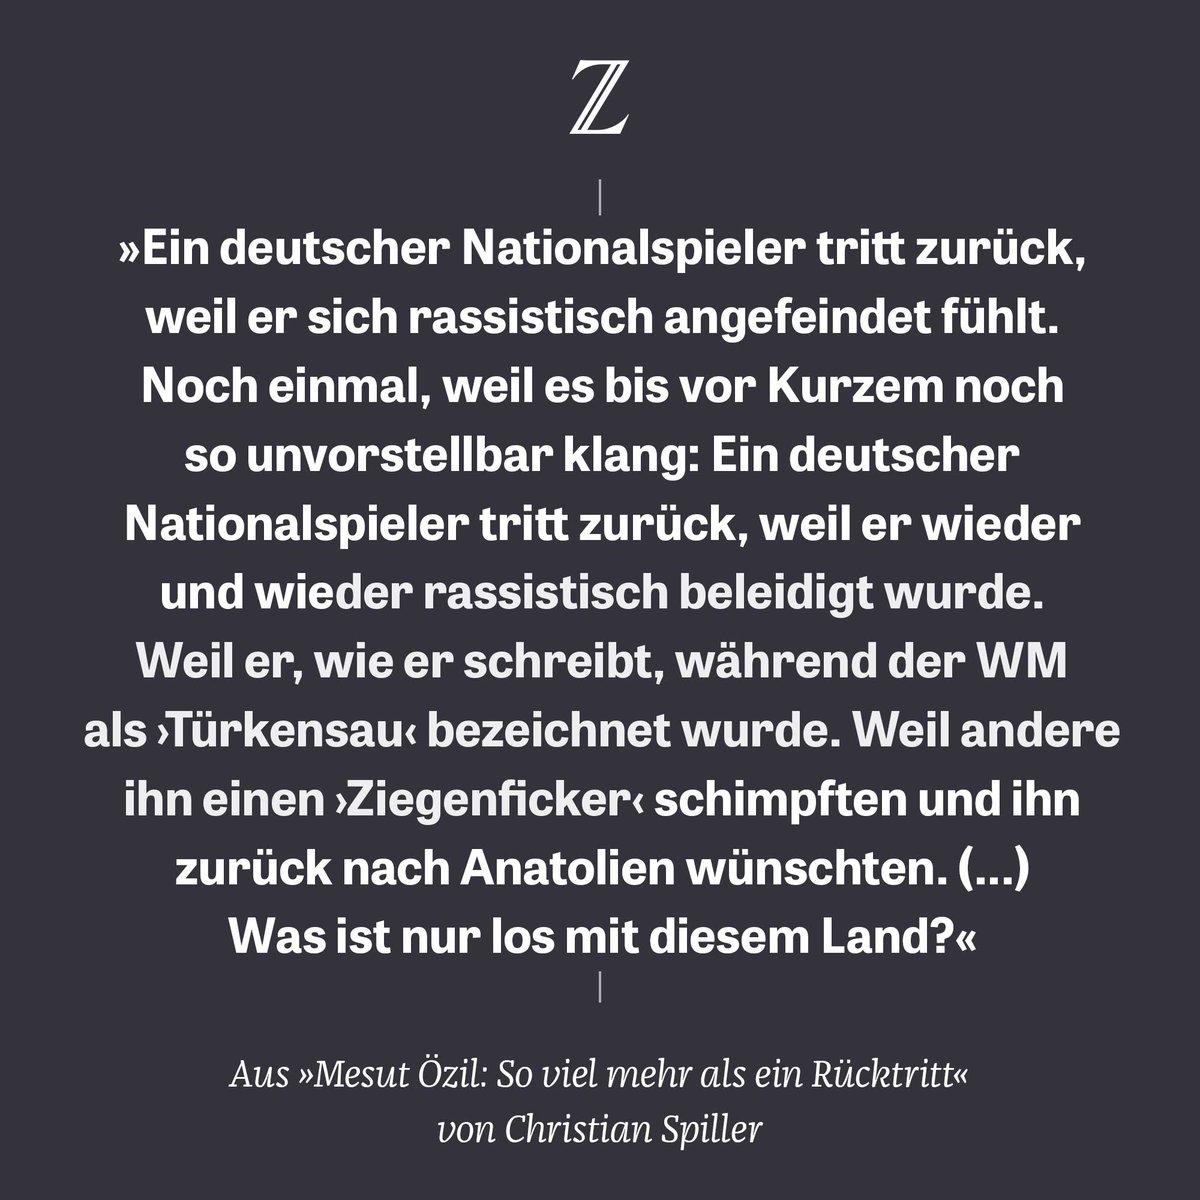 Erstmals tritt ein deutscher Nationalspieler zurück, weil er rassistisch angefeindet wurde. Der Rückzug von Mesut #Özil ist ein fatales Signal in einer besorgniserregenden Zeit, kommentiert @stammplatz: https://t.co/tYhE51AnKG